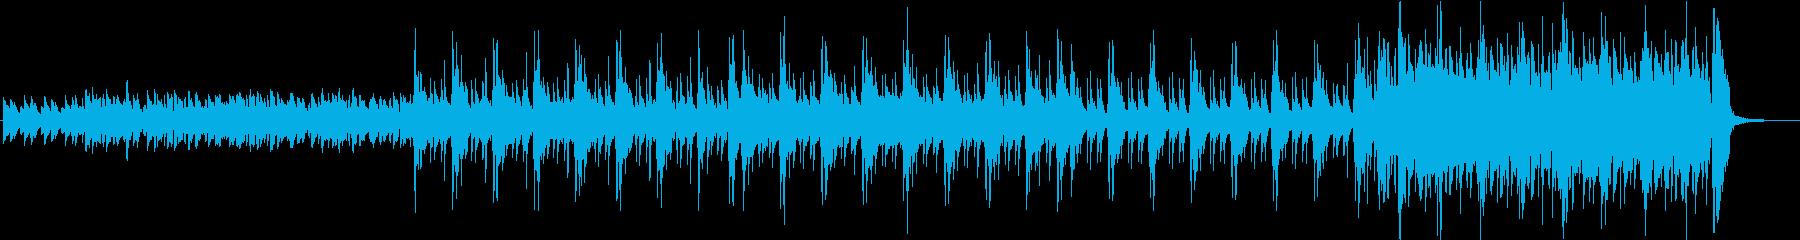 異国情緒あふれるケルト民謡の再生済みの波形